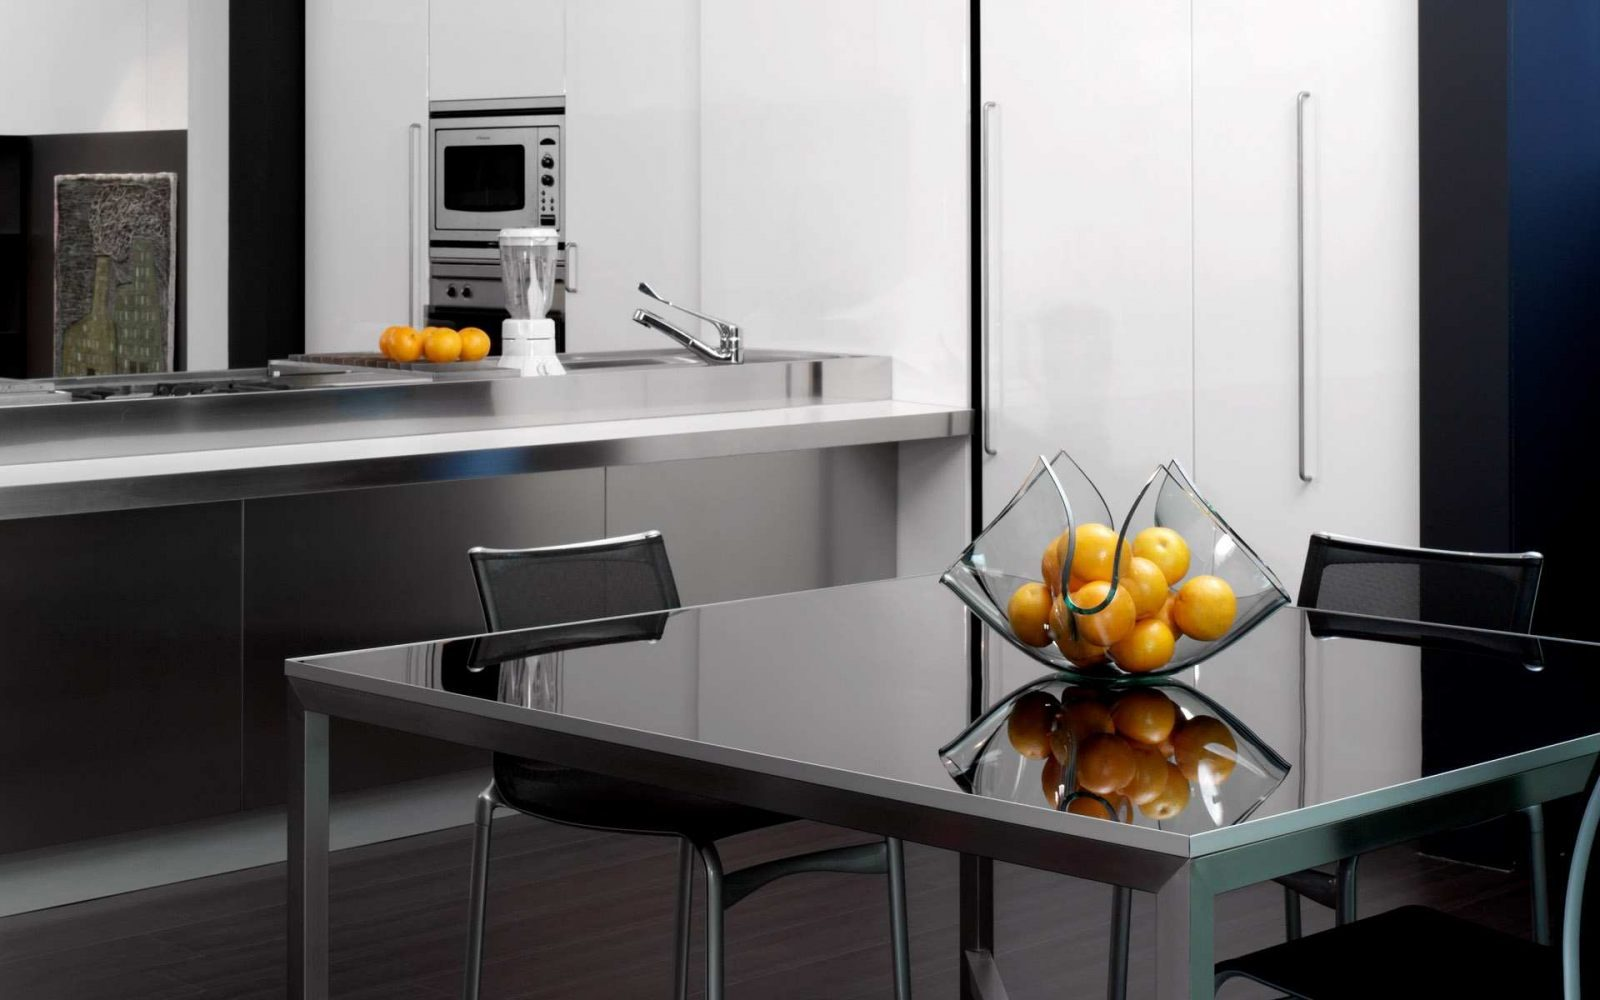 Mesa de cocina de cristal im genes y fotos - Mesas de cocina bricor ...